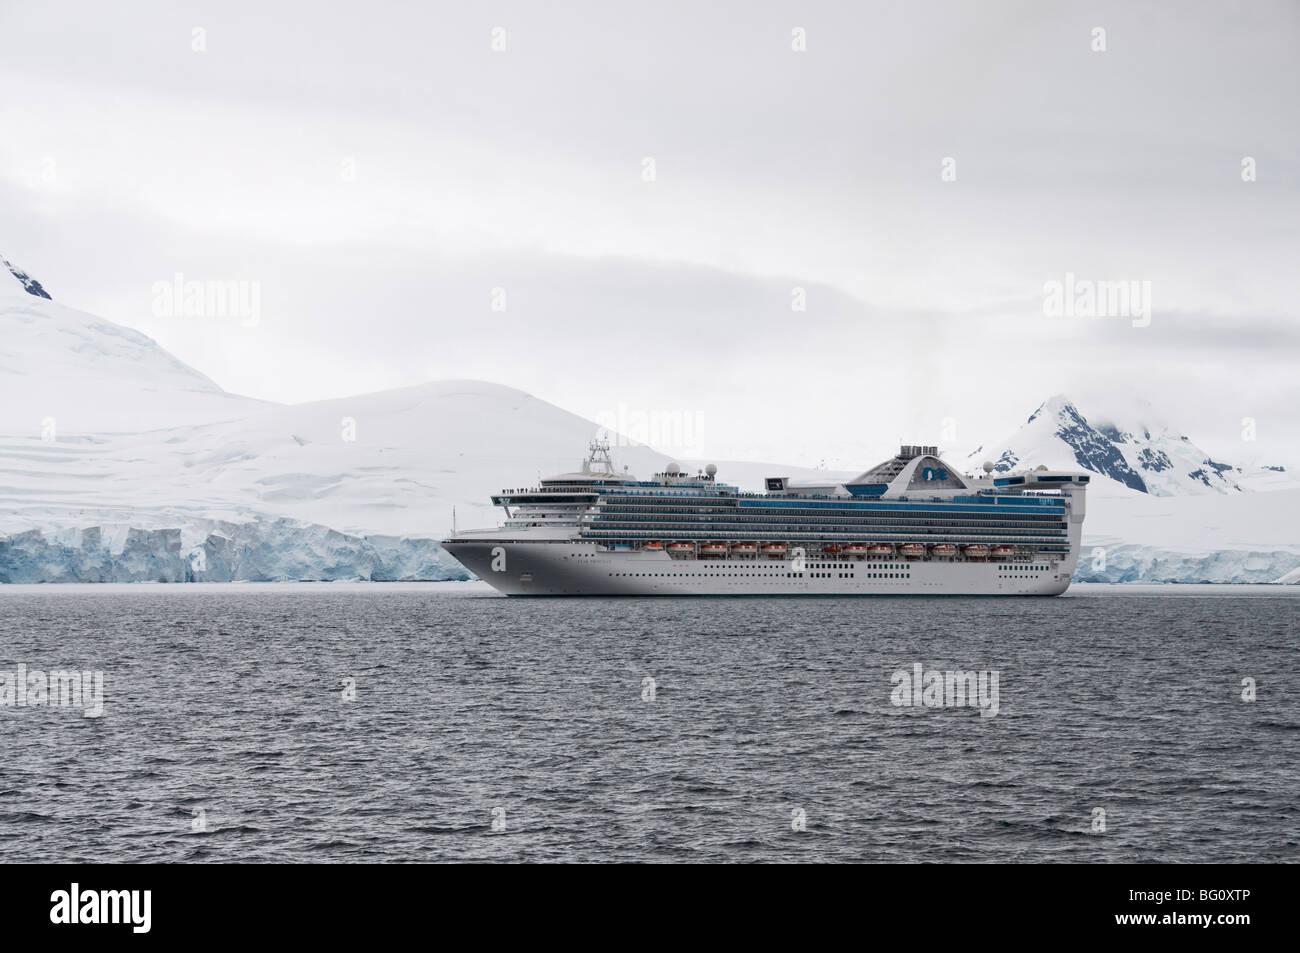 Schiff in den Gewässern um die antarktische Halbinsel, Antarktis, Polarregionen Stockbild